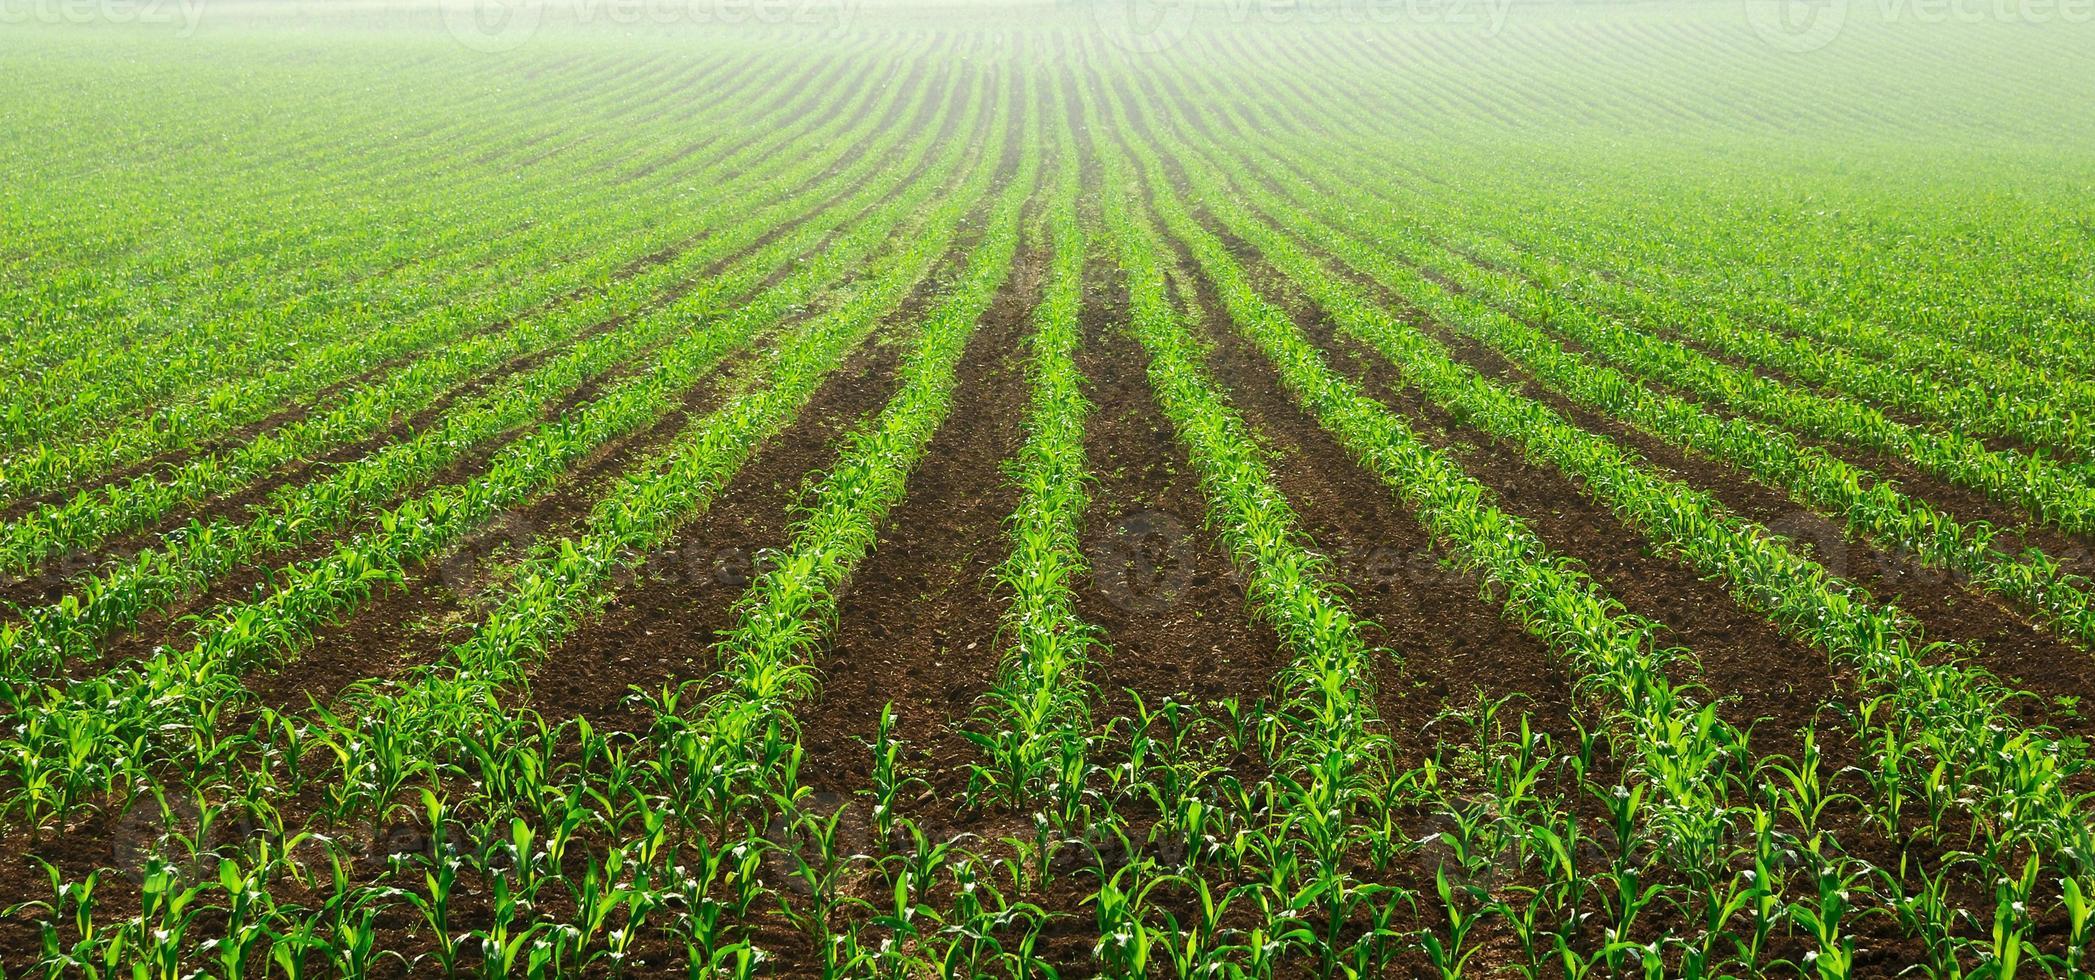 rangées de jeunes plants de maïs photo